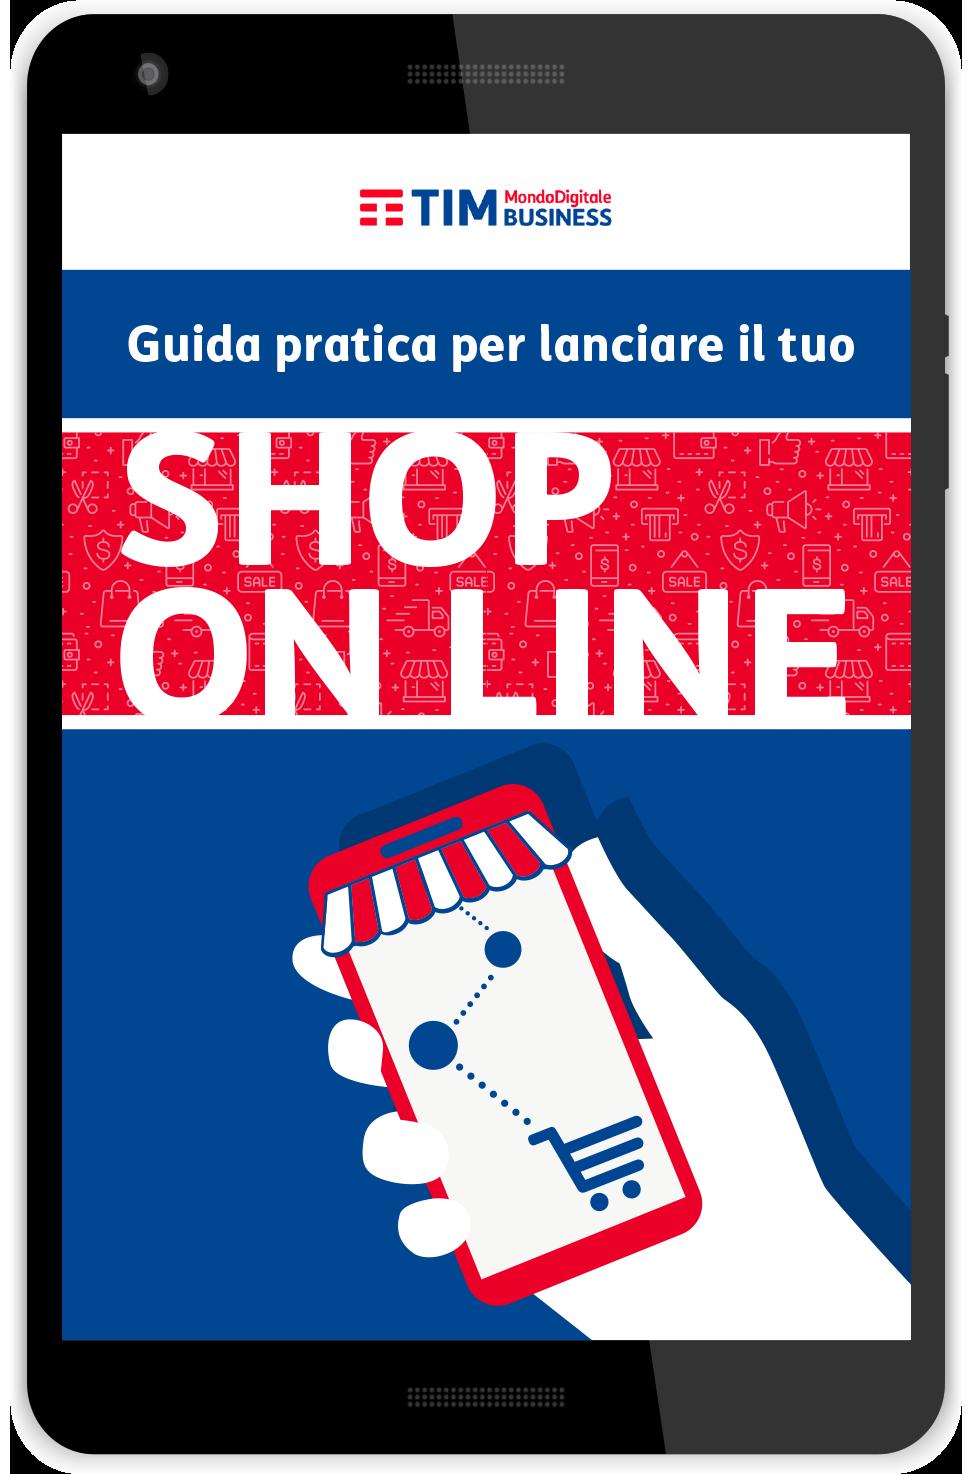 mockup_Guida-pratica-per-lanciare-il-tuo-shop-on-line